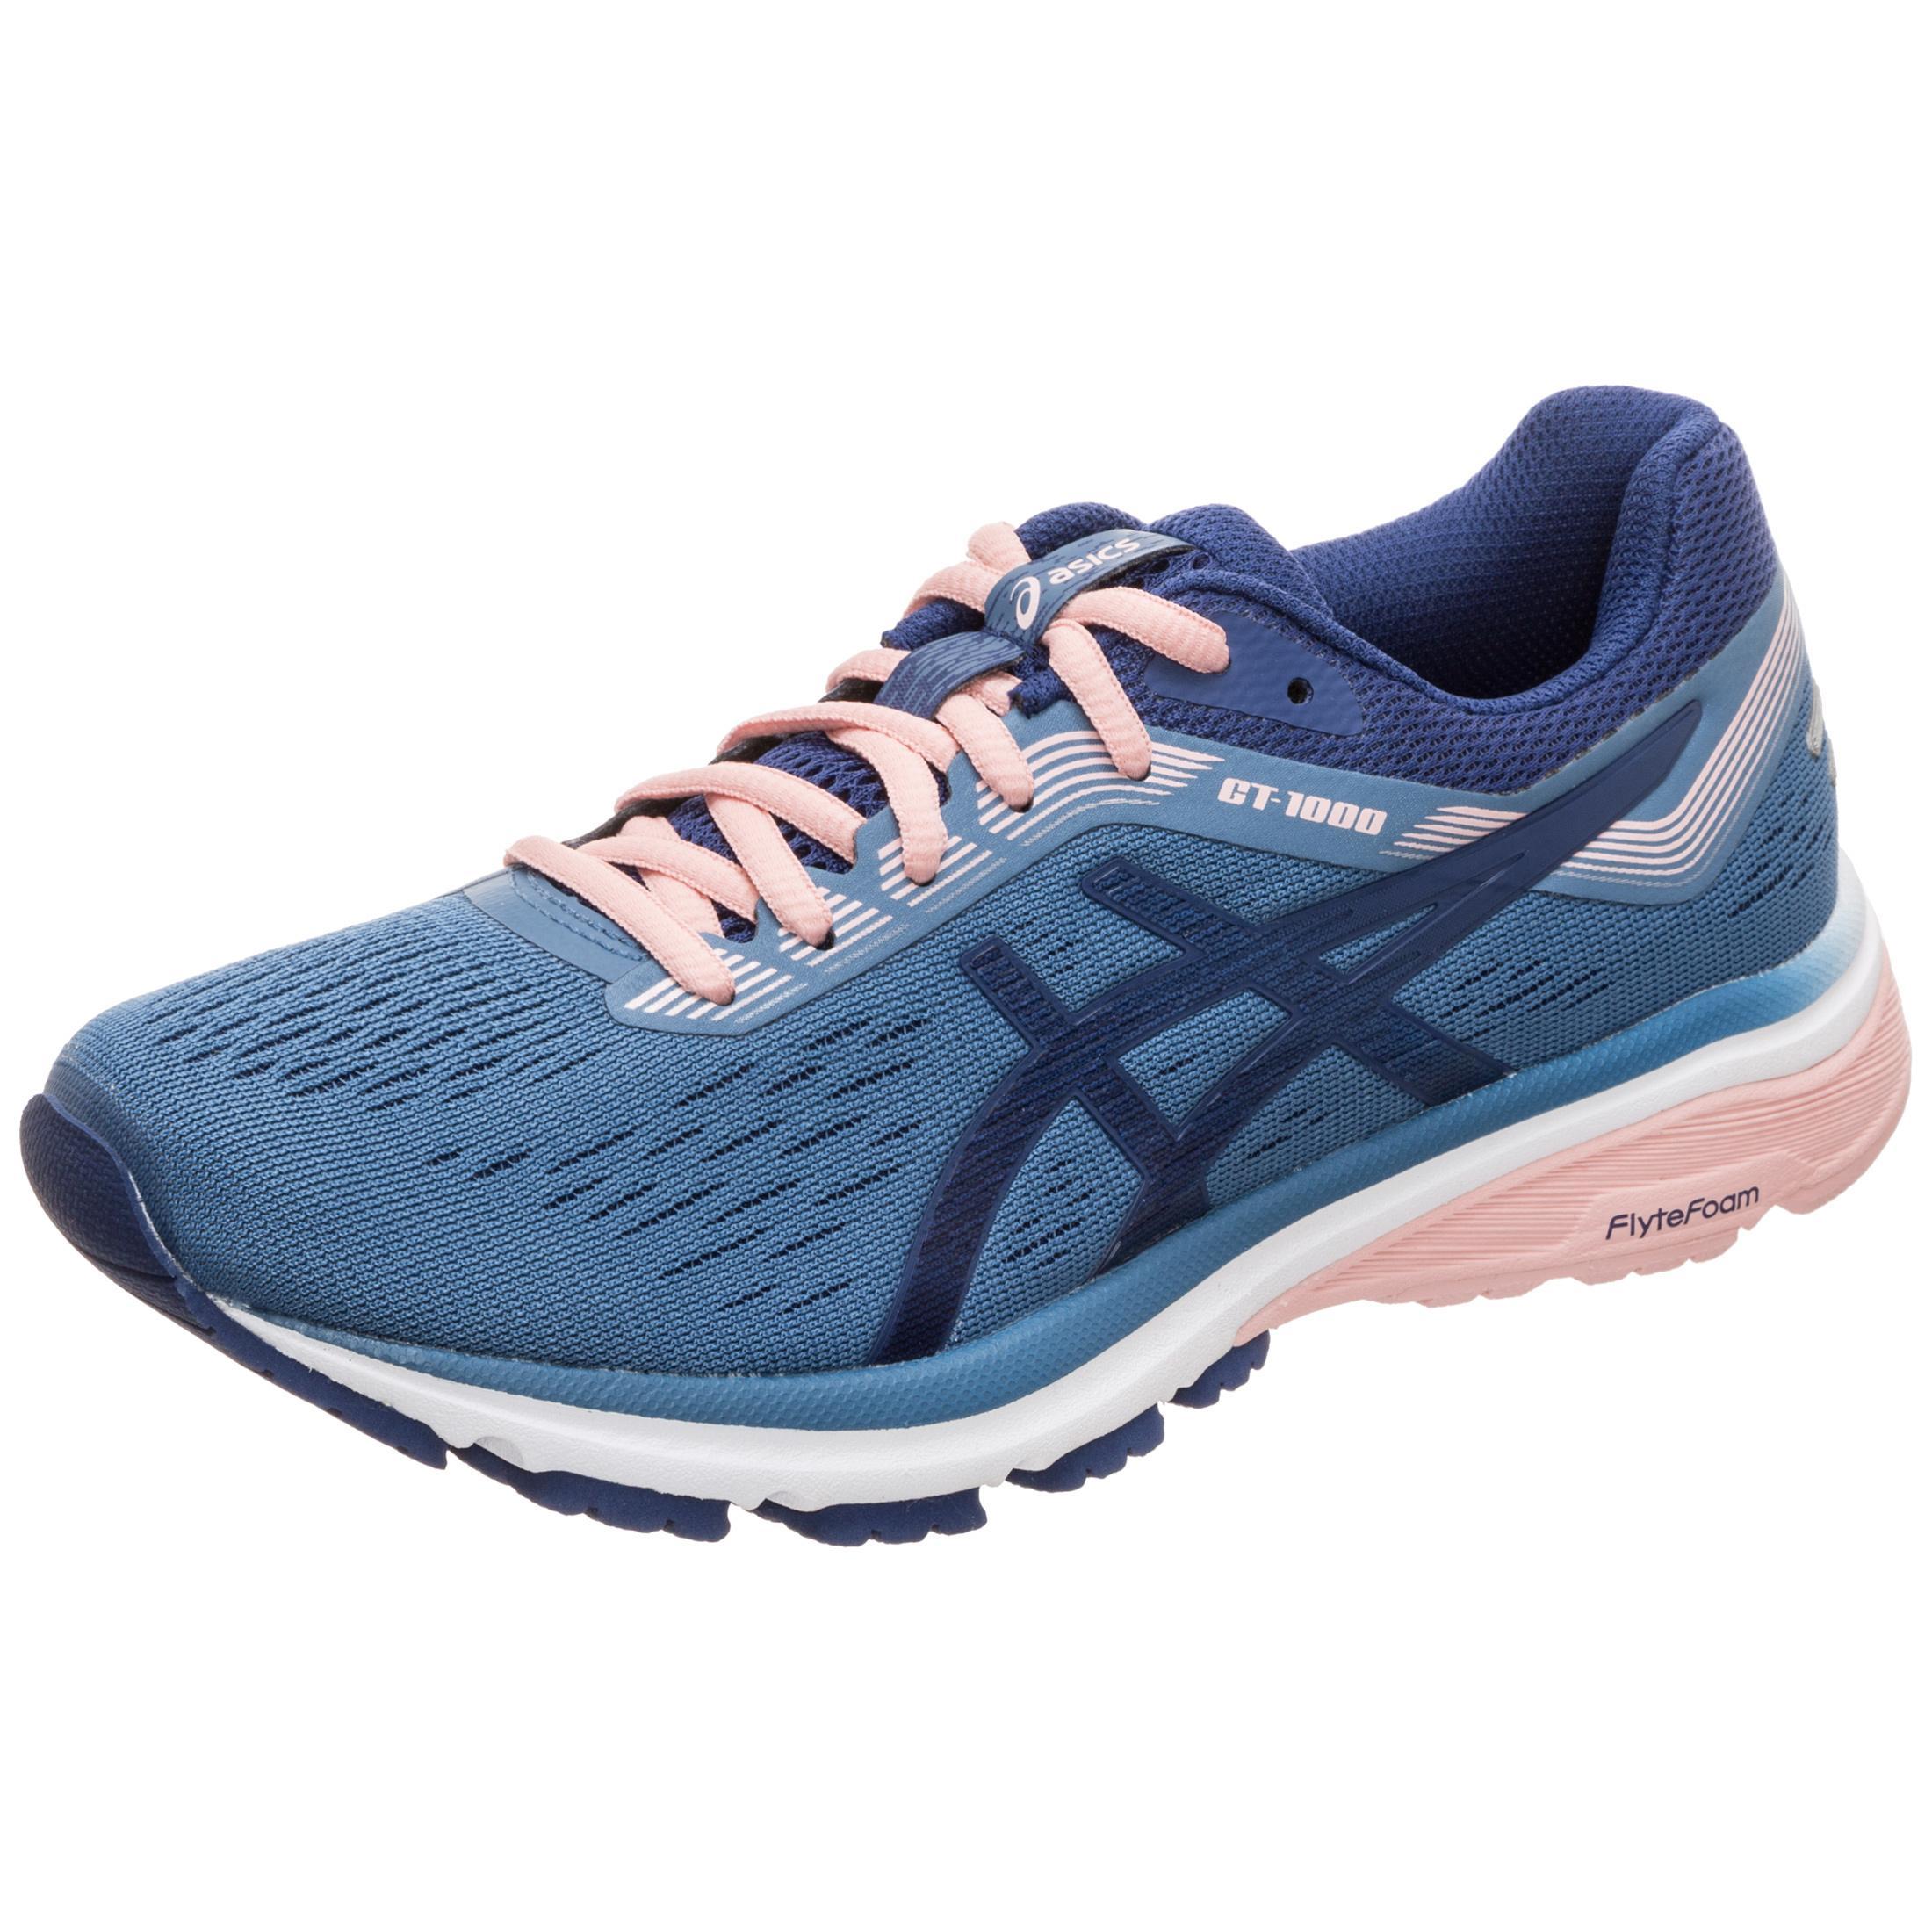 ASICS GT-1000 7 Laufschuhe Damen blau / rosa / weiß im Online Shop von SportScheck kaufen